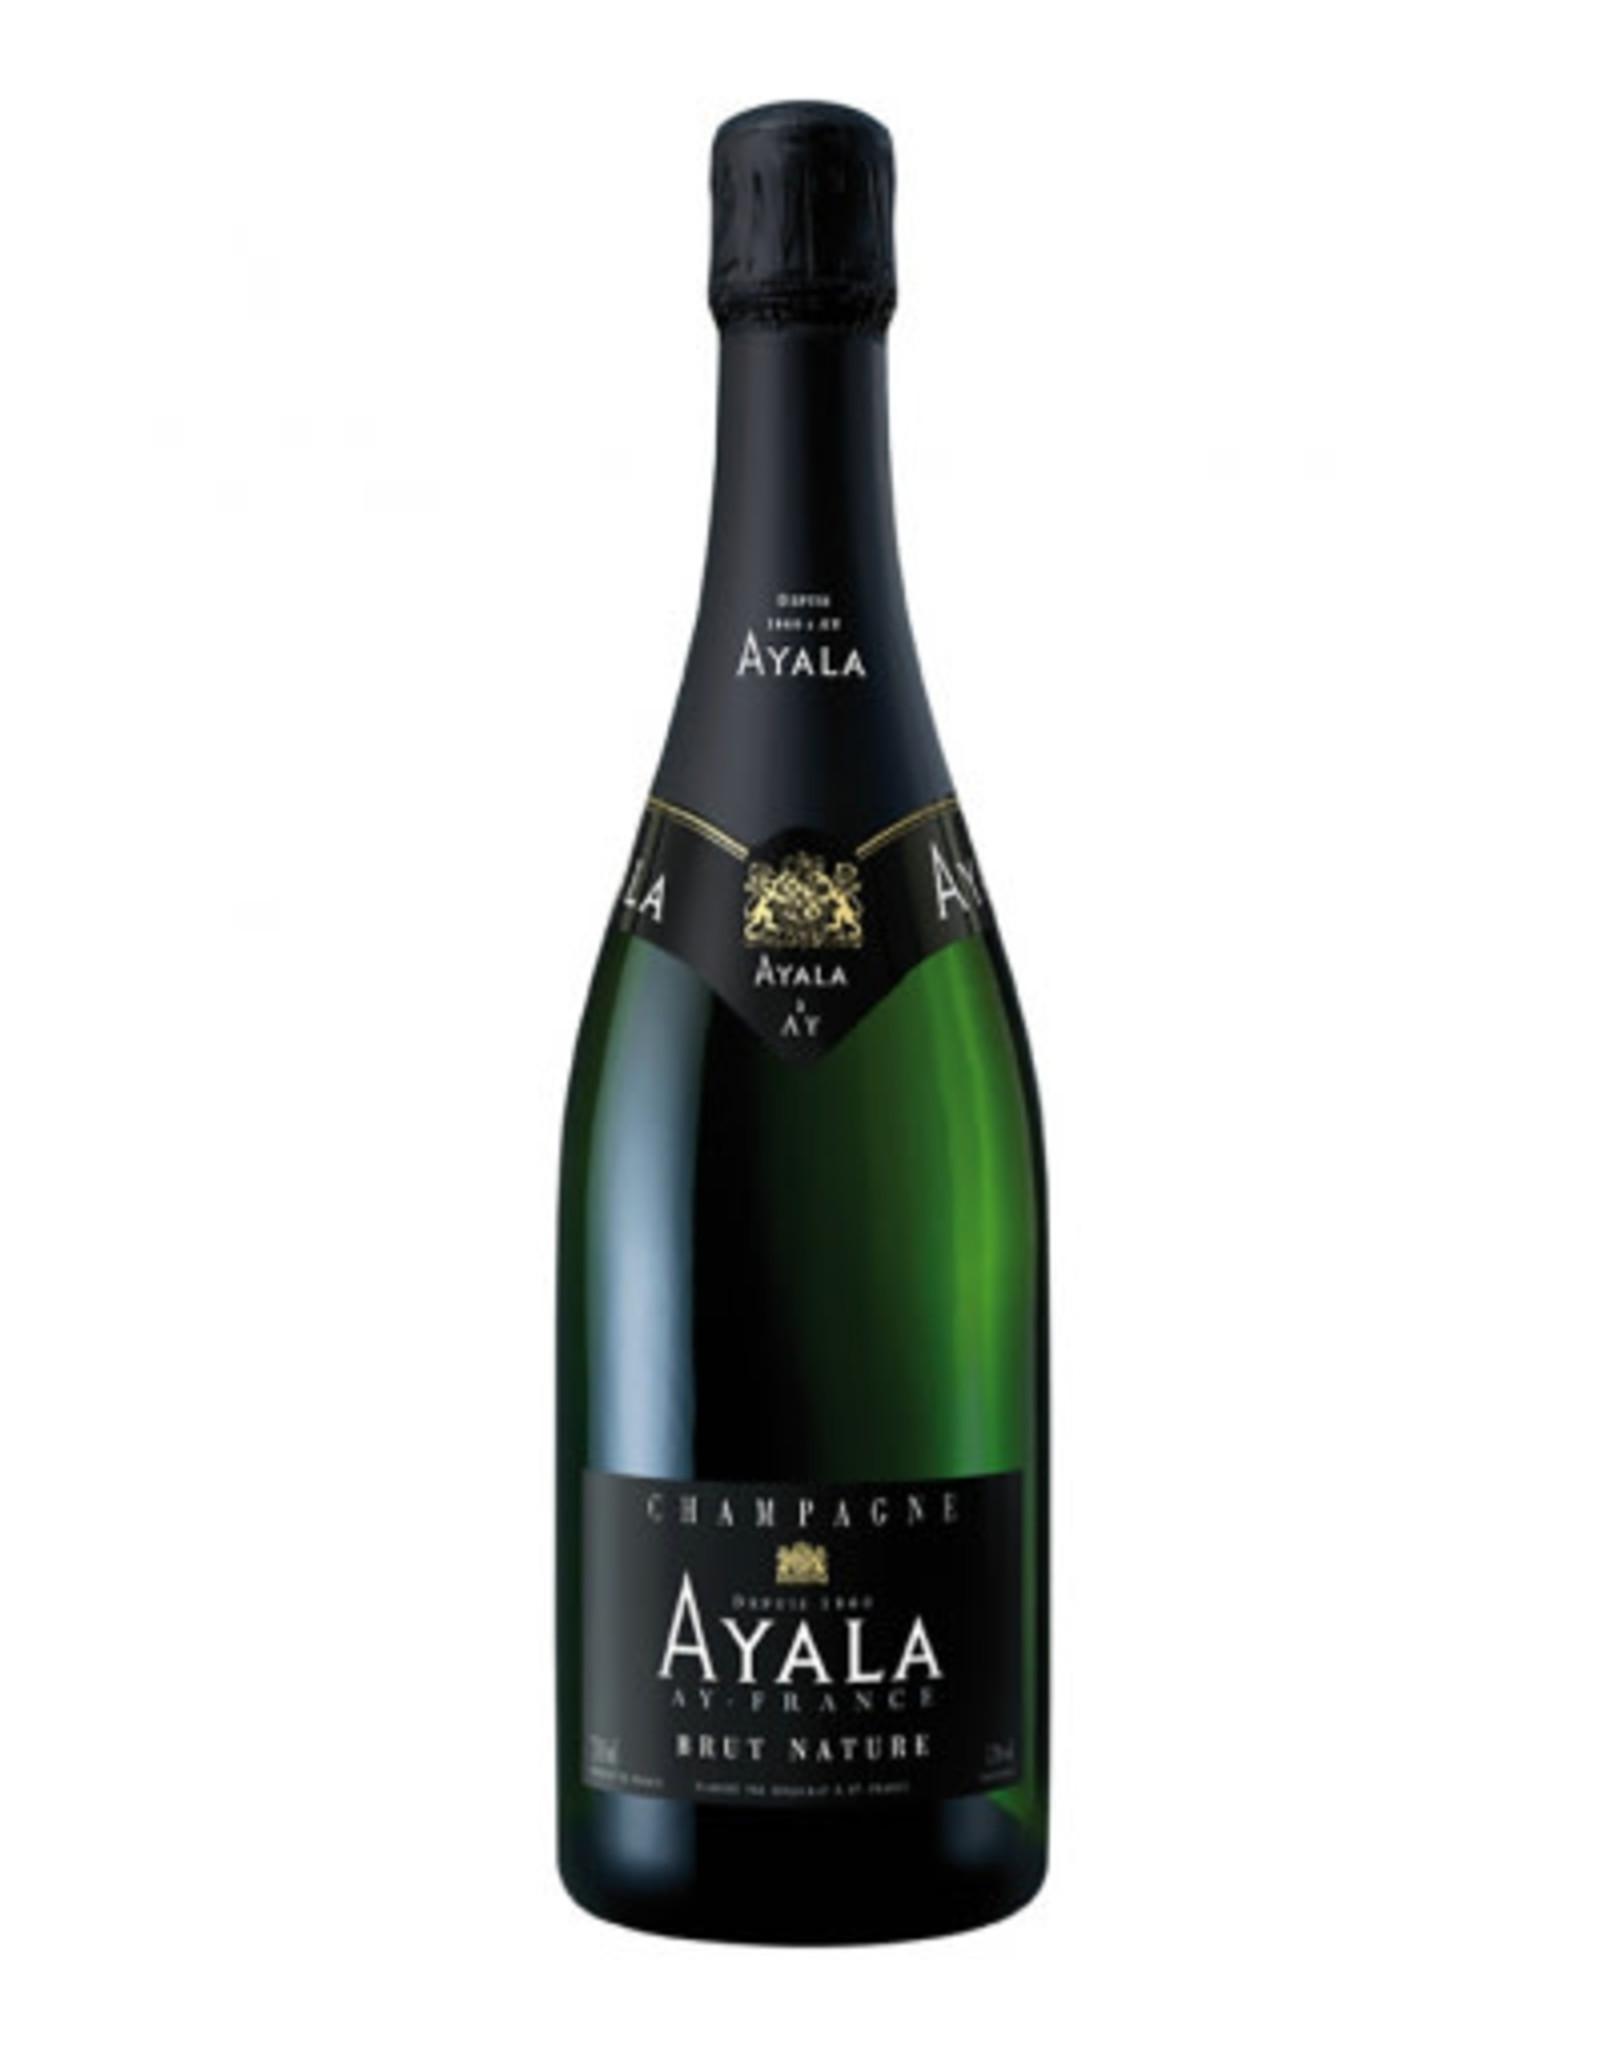 Ayala Champagne Brut